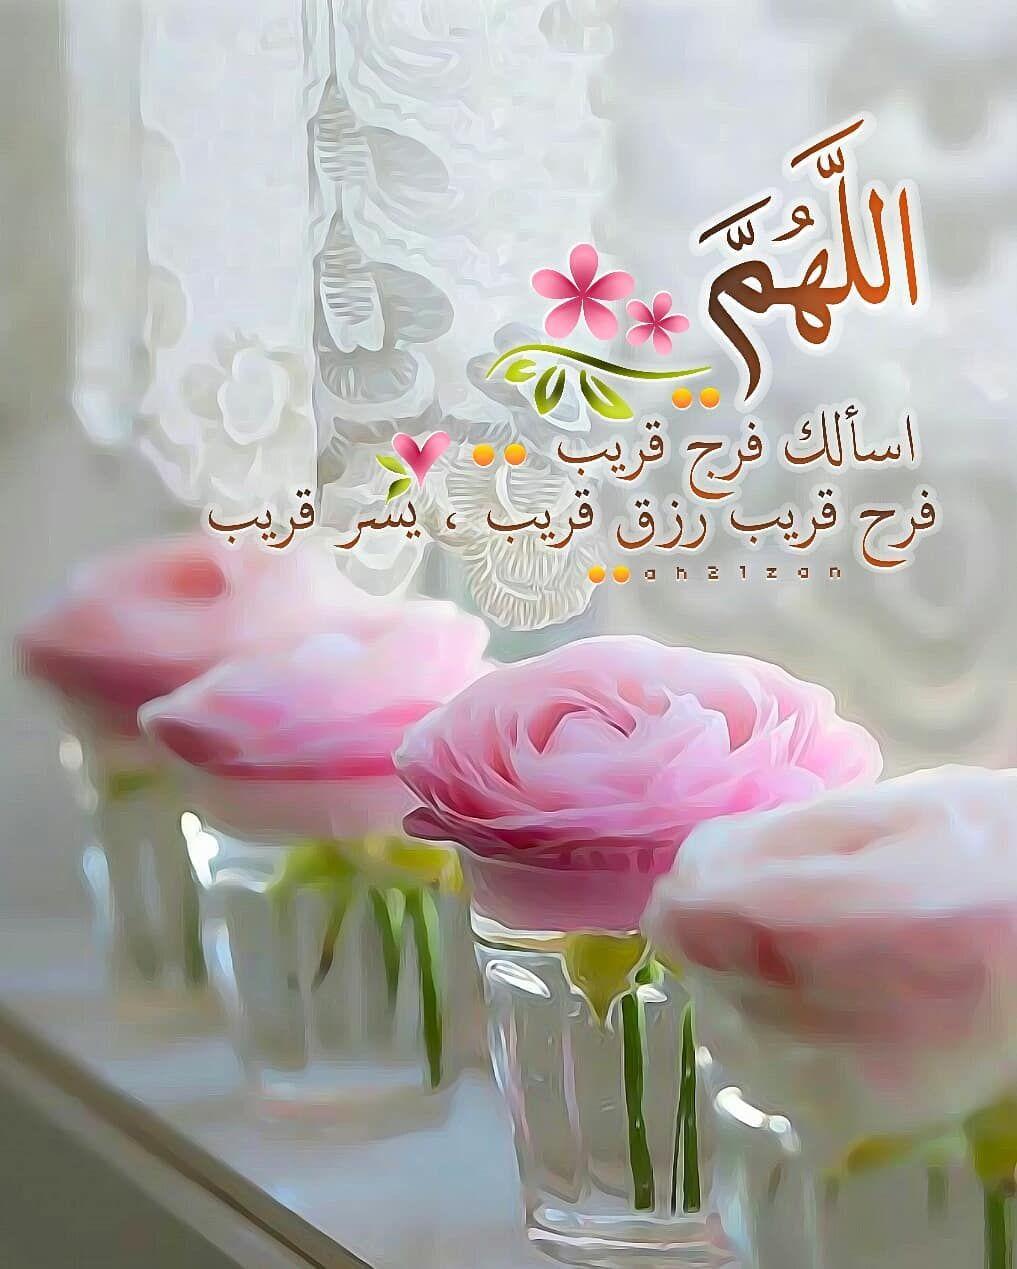 اذ ڪر و ا ال ل هـ On Instagram اللهم اسألك فرج قريب فرح قريب رزق قريب Good Morning Animation Islamic Quotes Wallpaper Islamic Love Quotes